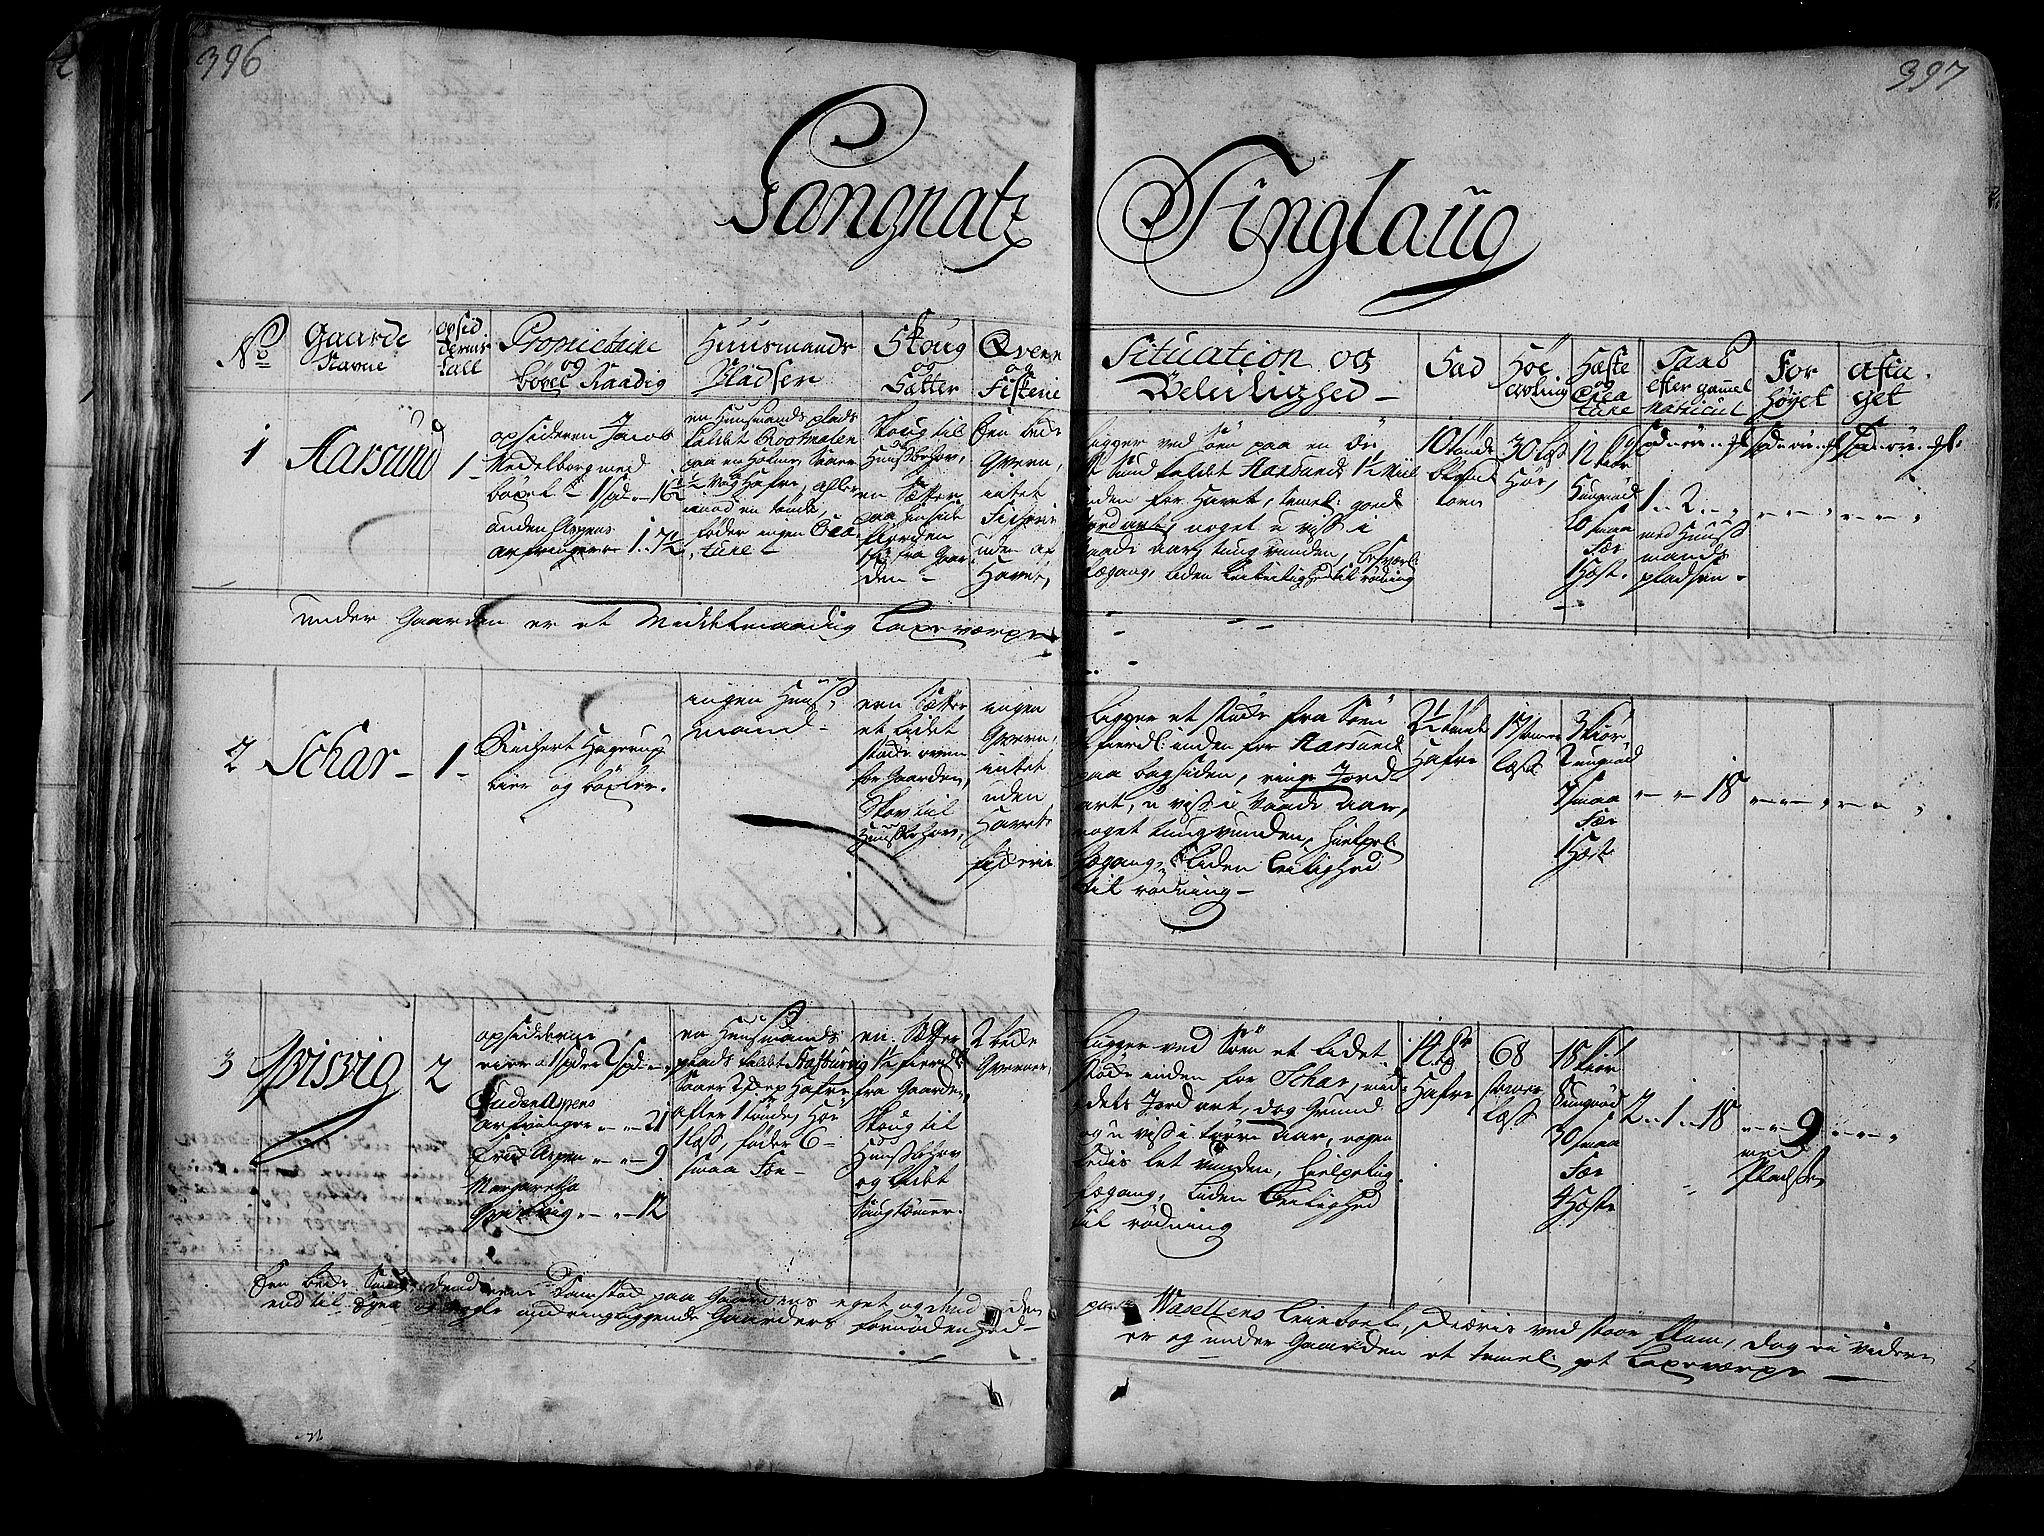 RA, Rentekammeret inntil 1814, Realistisk ordnet avdeling, N/Nb/Nbf/L0154: Nordmøre eksaminasjonsprotokoll, 1721-1723, s. 396-397